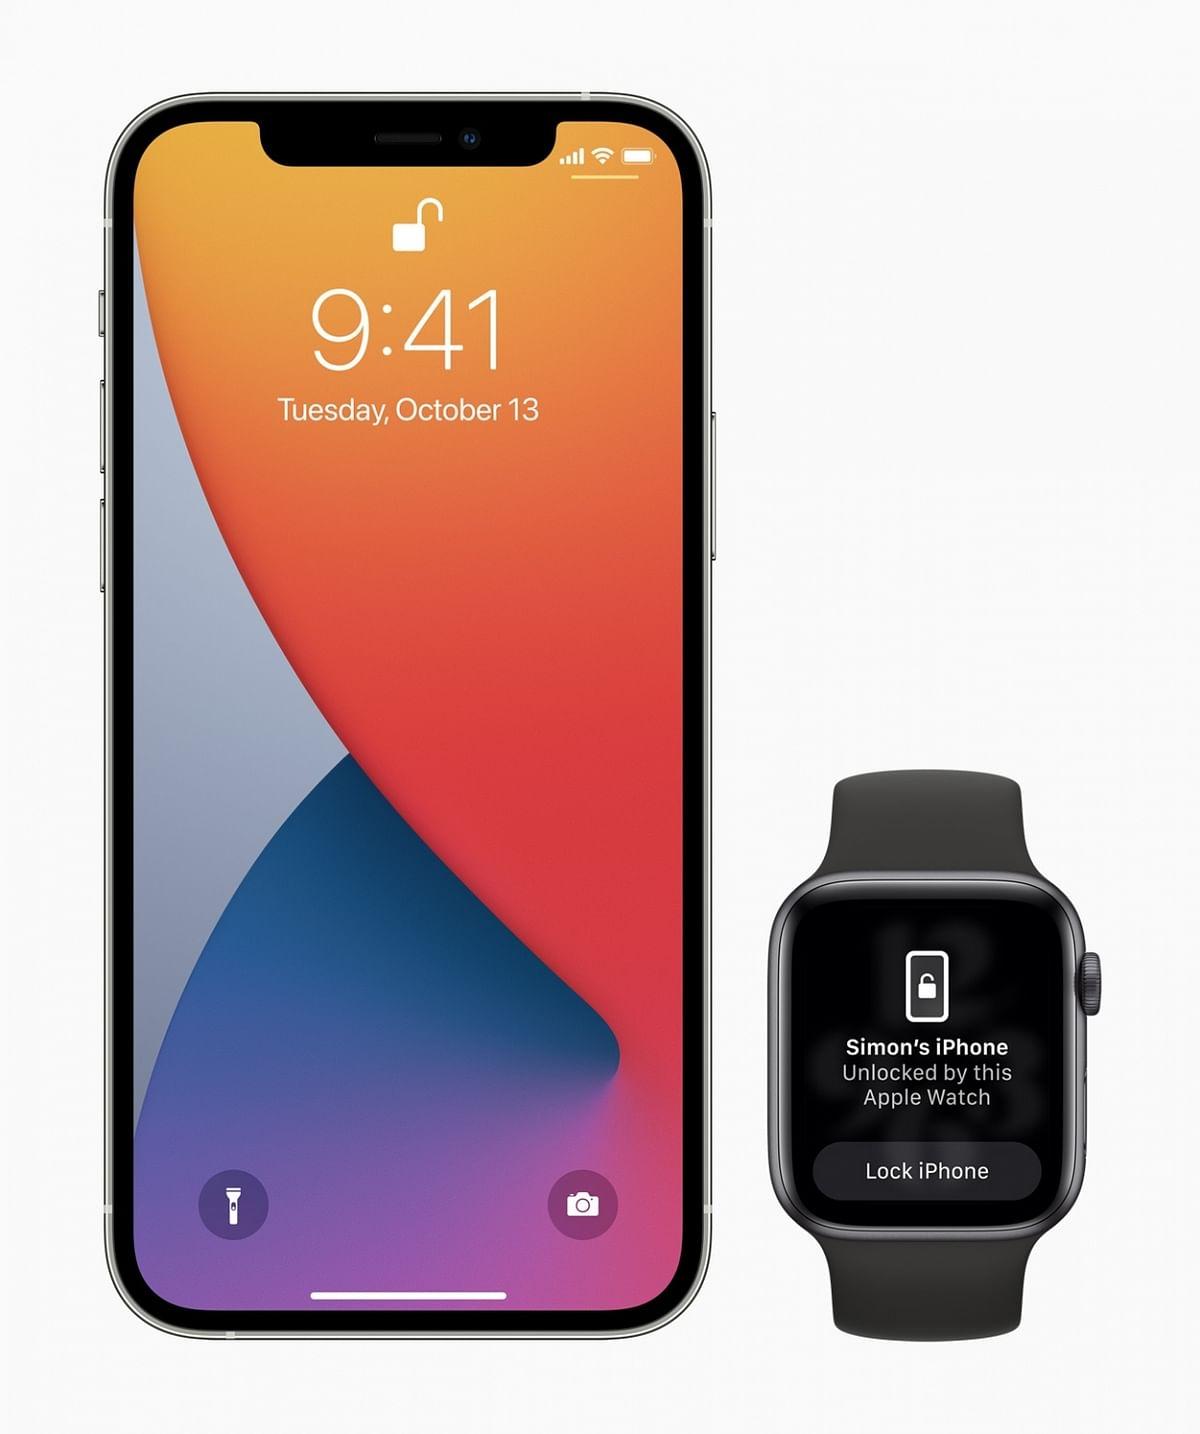 IOS 14.5 : मास्क पहनकर आईफोन को कर सकेंगे अनलॉक